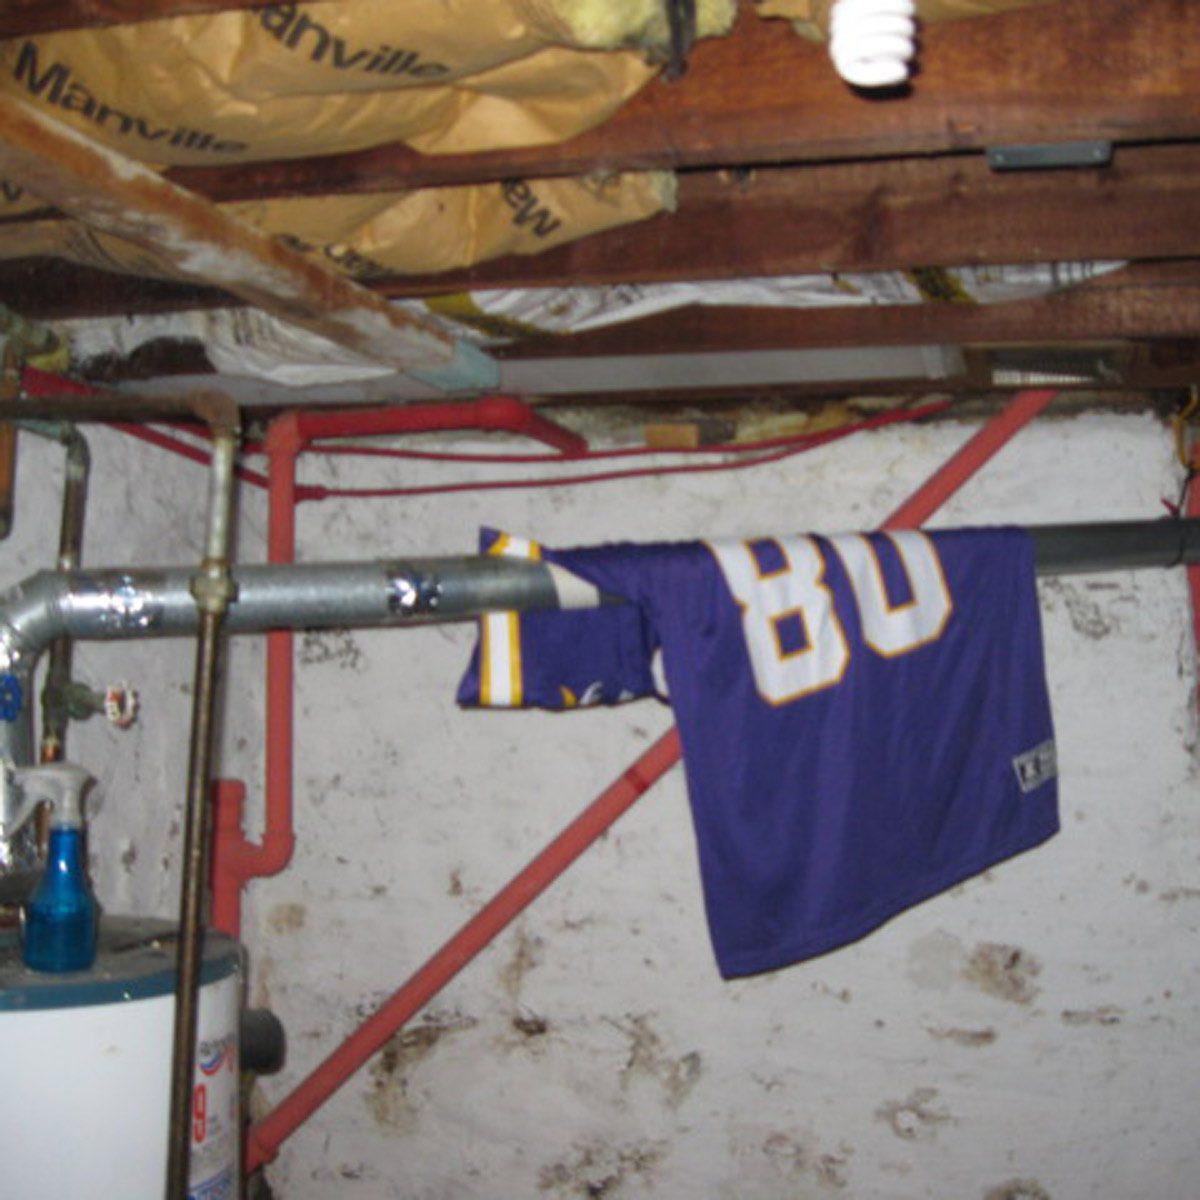 Cris Carter's basement